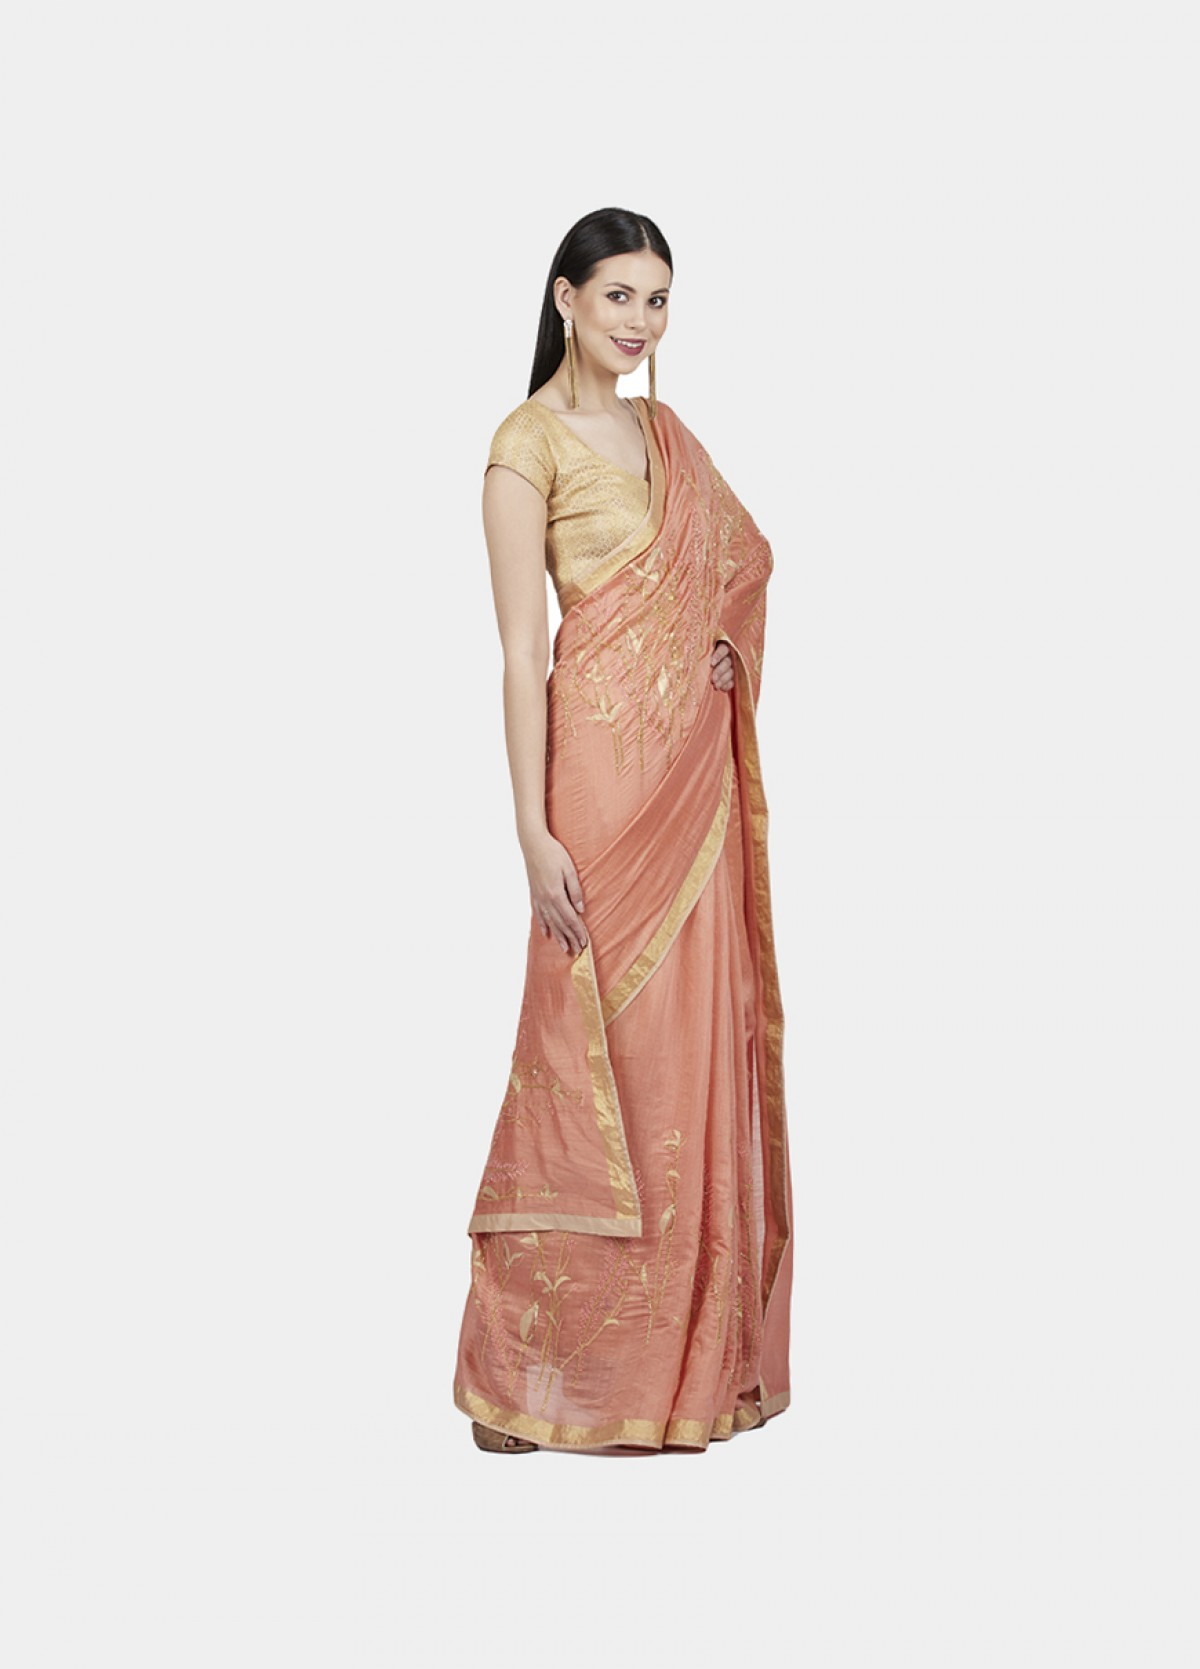 The Mystical Garden Sari